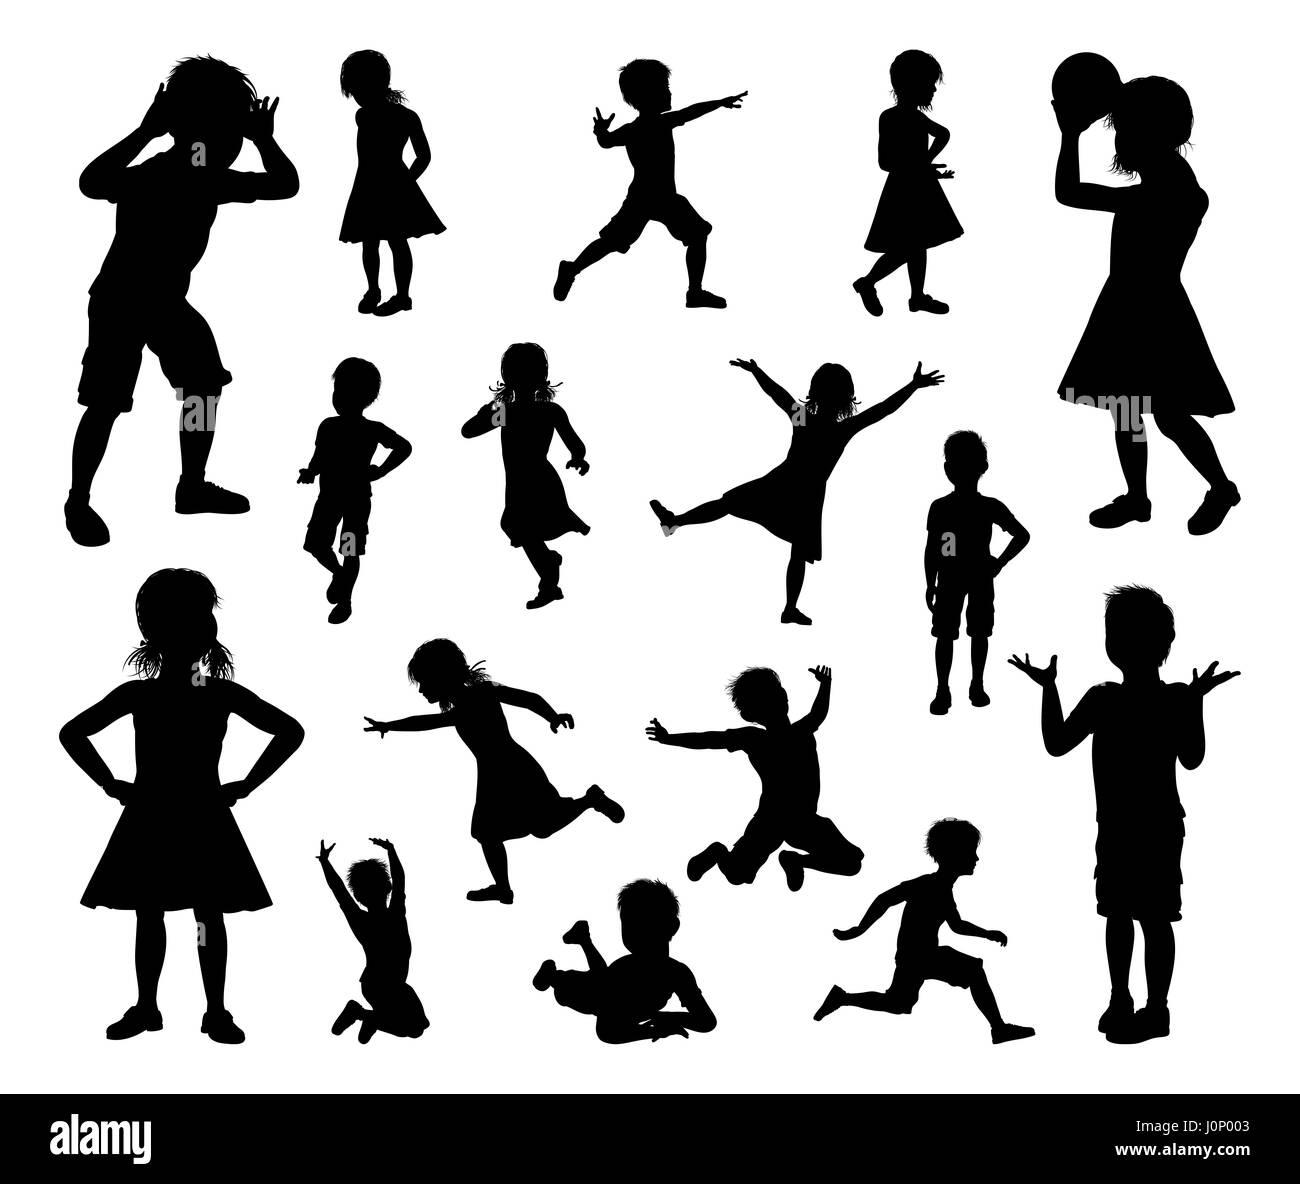 Un ensemble d'enfants ou d'enfants en silhouette jouer, courir et sauter et à d'autres pose Photo Stock